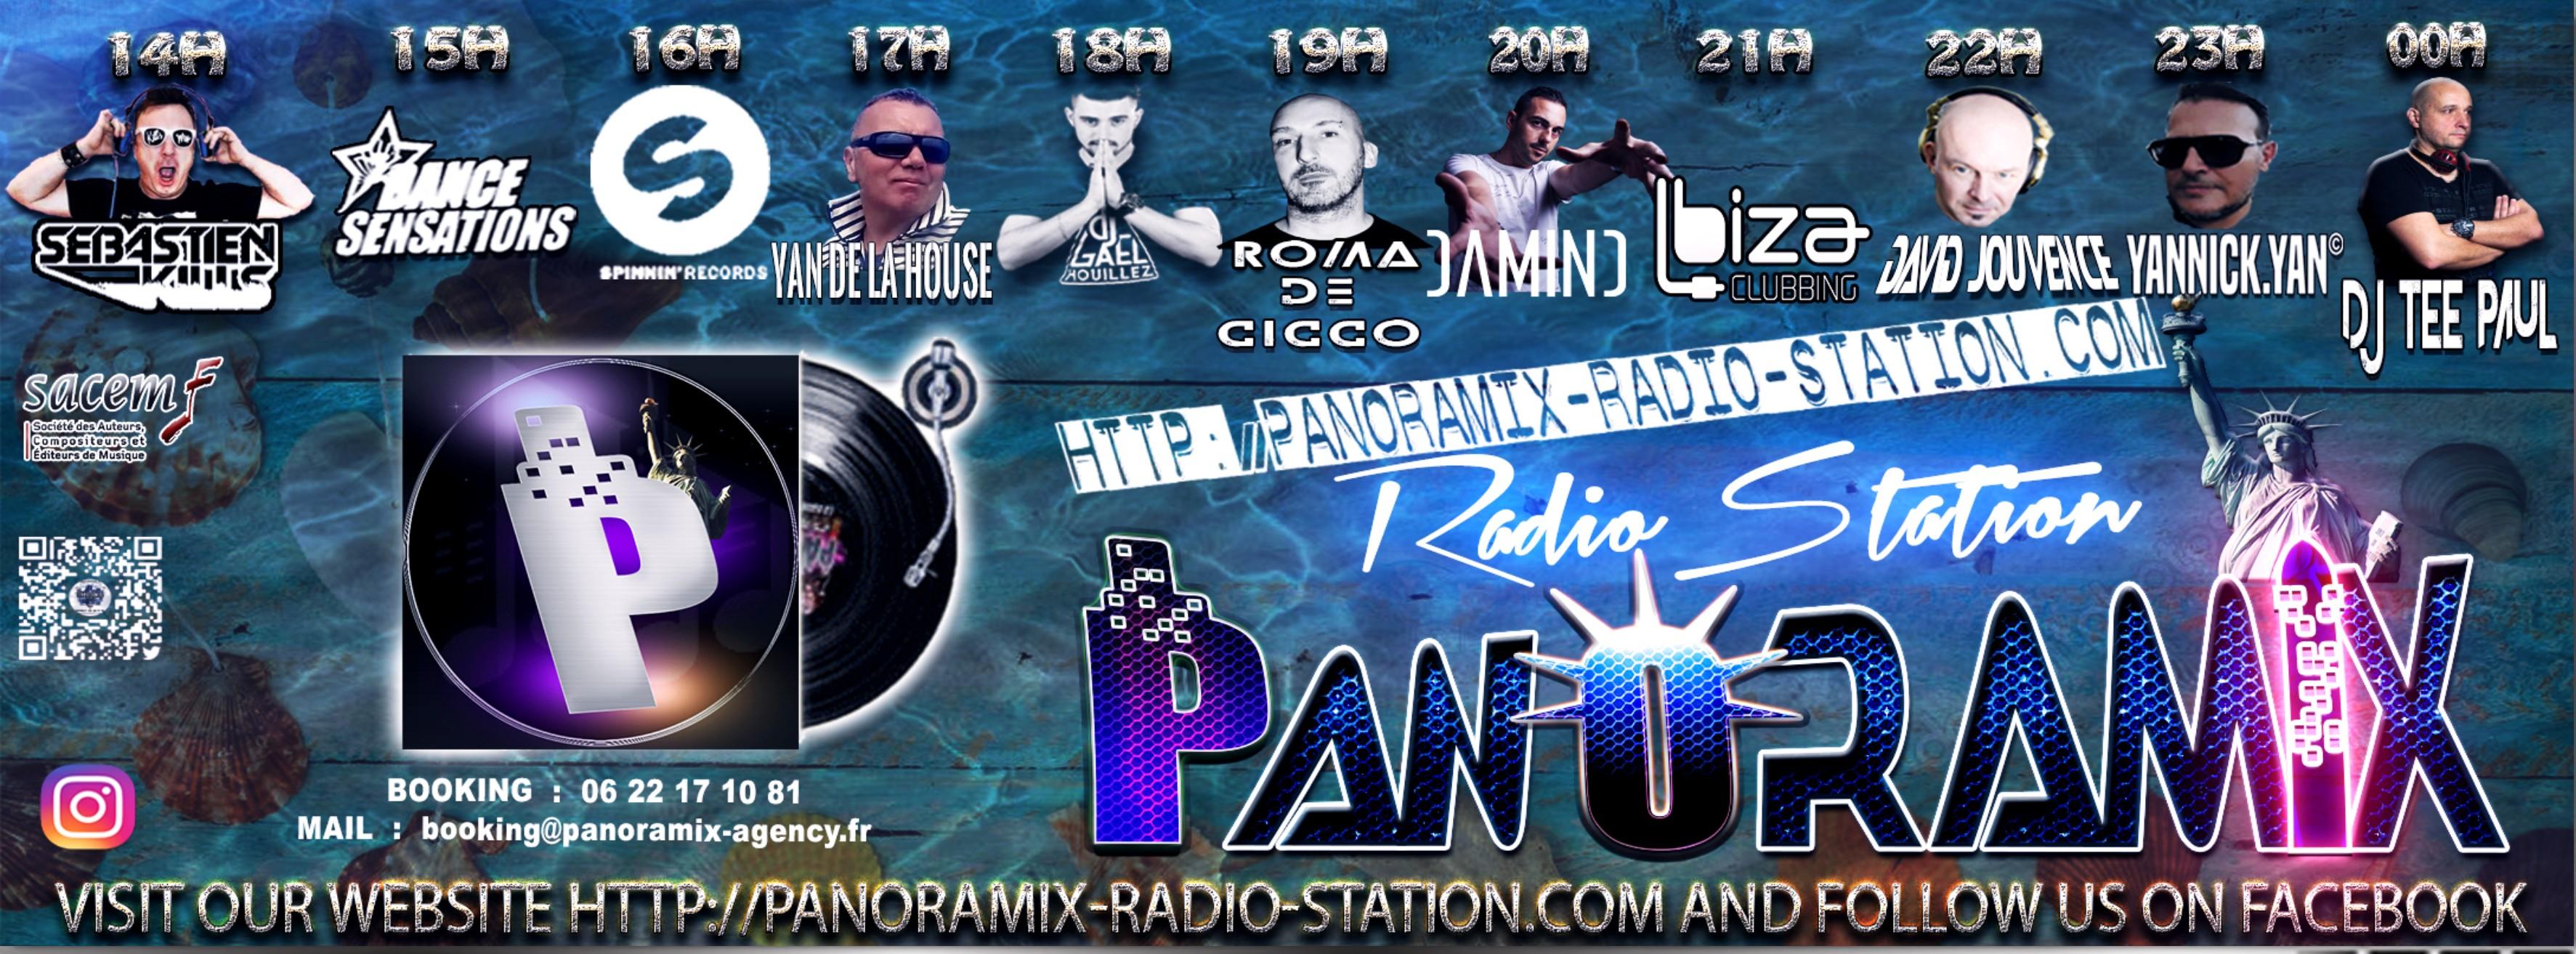 http://panoramix-radio-station.com/wp-content/uploads/2018/07/BANNIERE-DERRICK-panoramix-.jpg